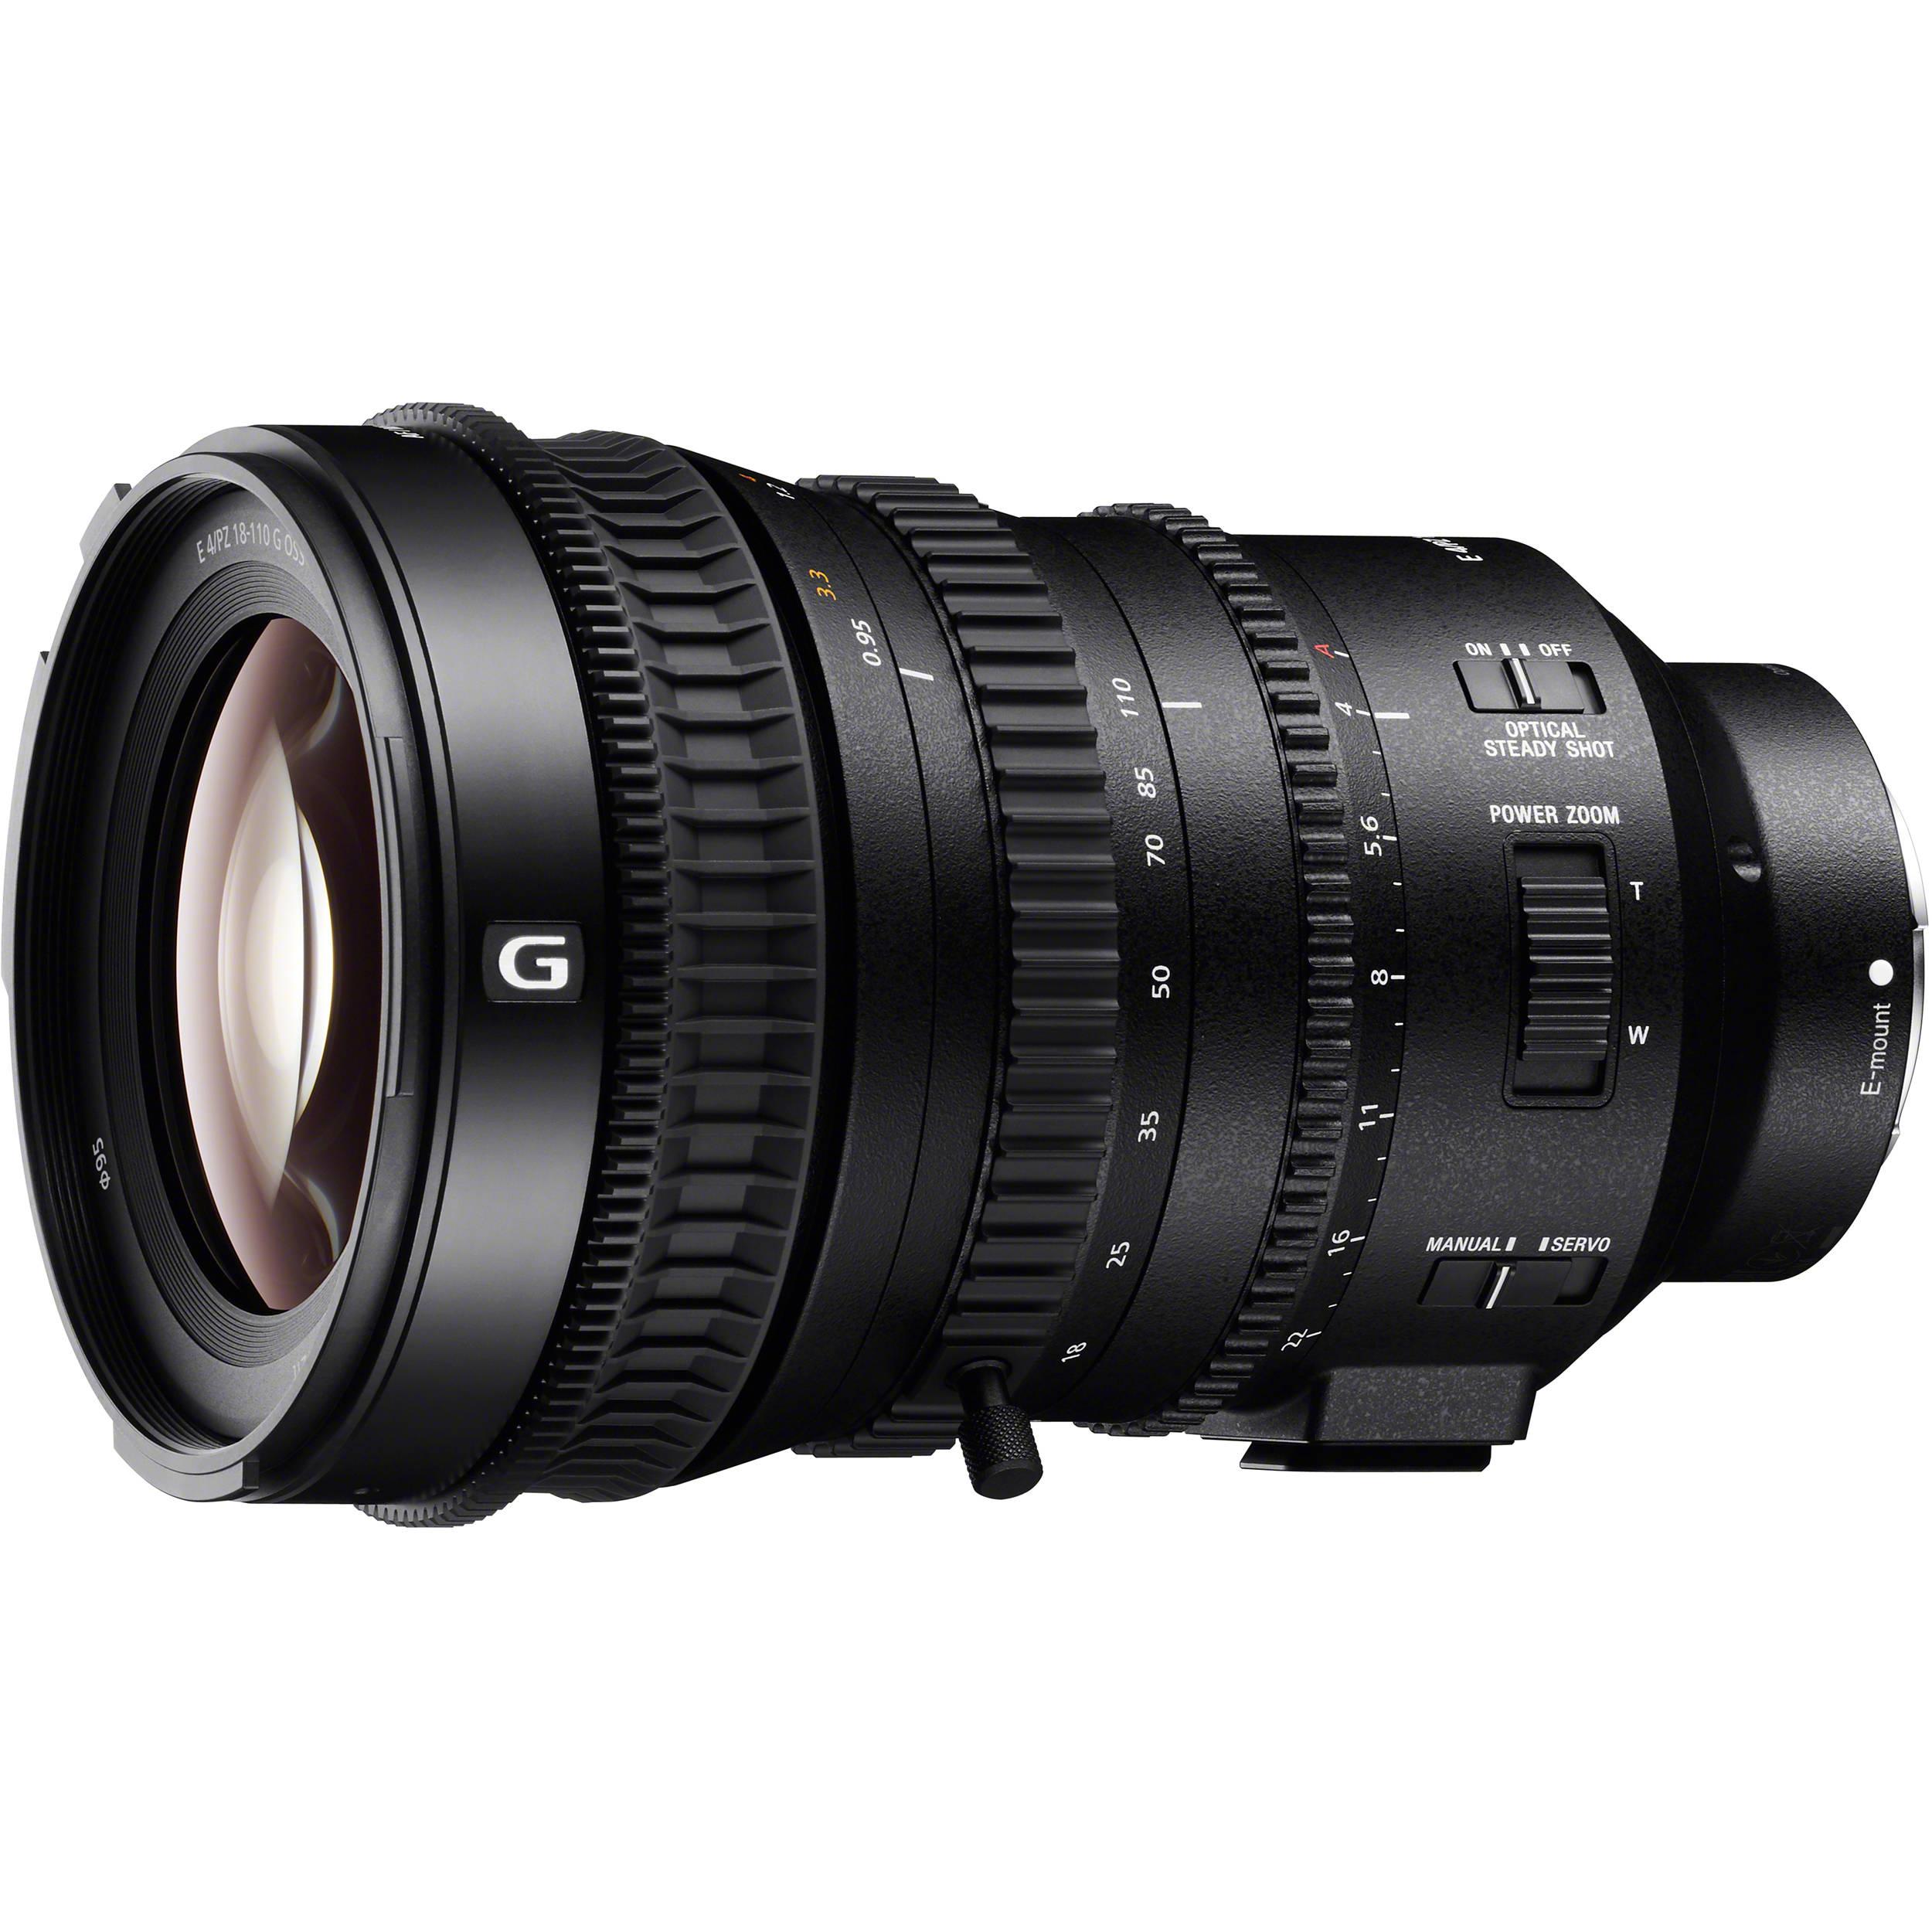 Sony E PZ 18 110mm f 4 G OSS Lens